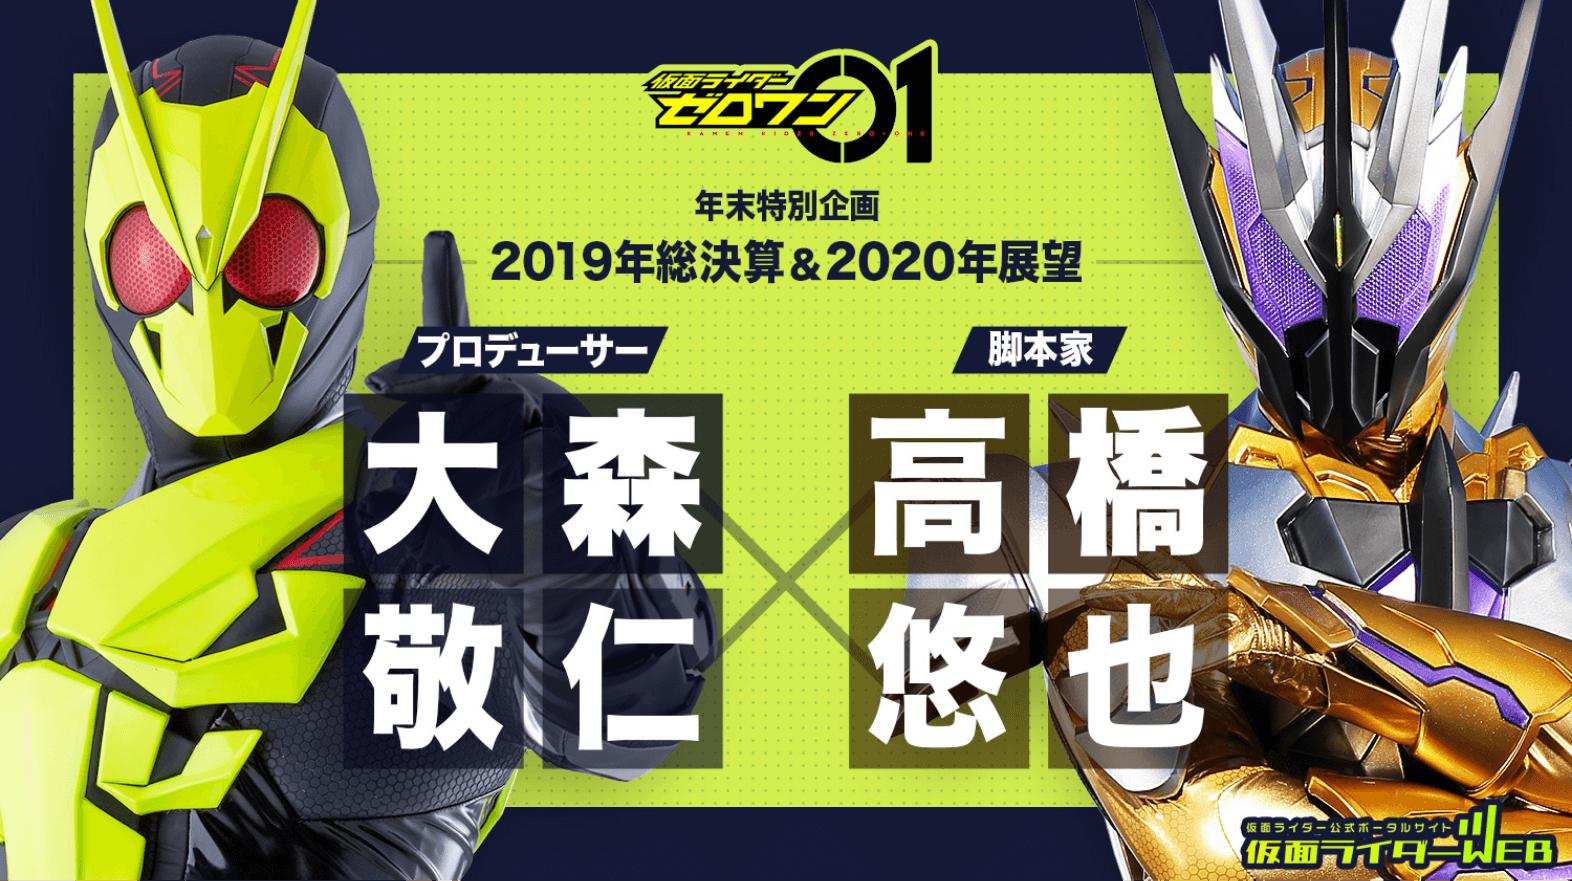 仮面ライダー公式ポータルサイト 仮面ライダーweb 東映